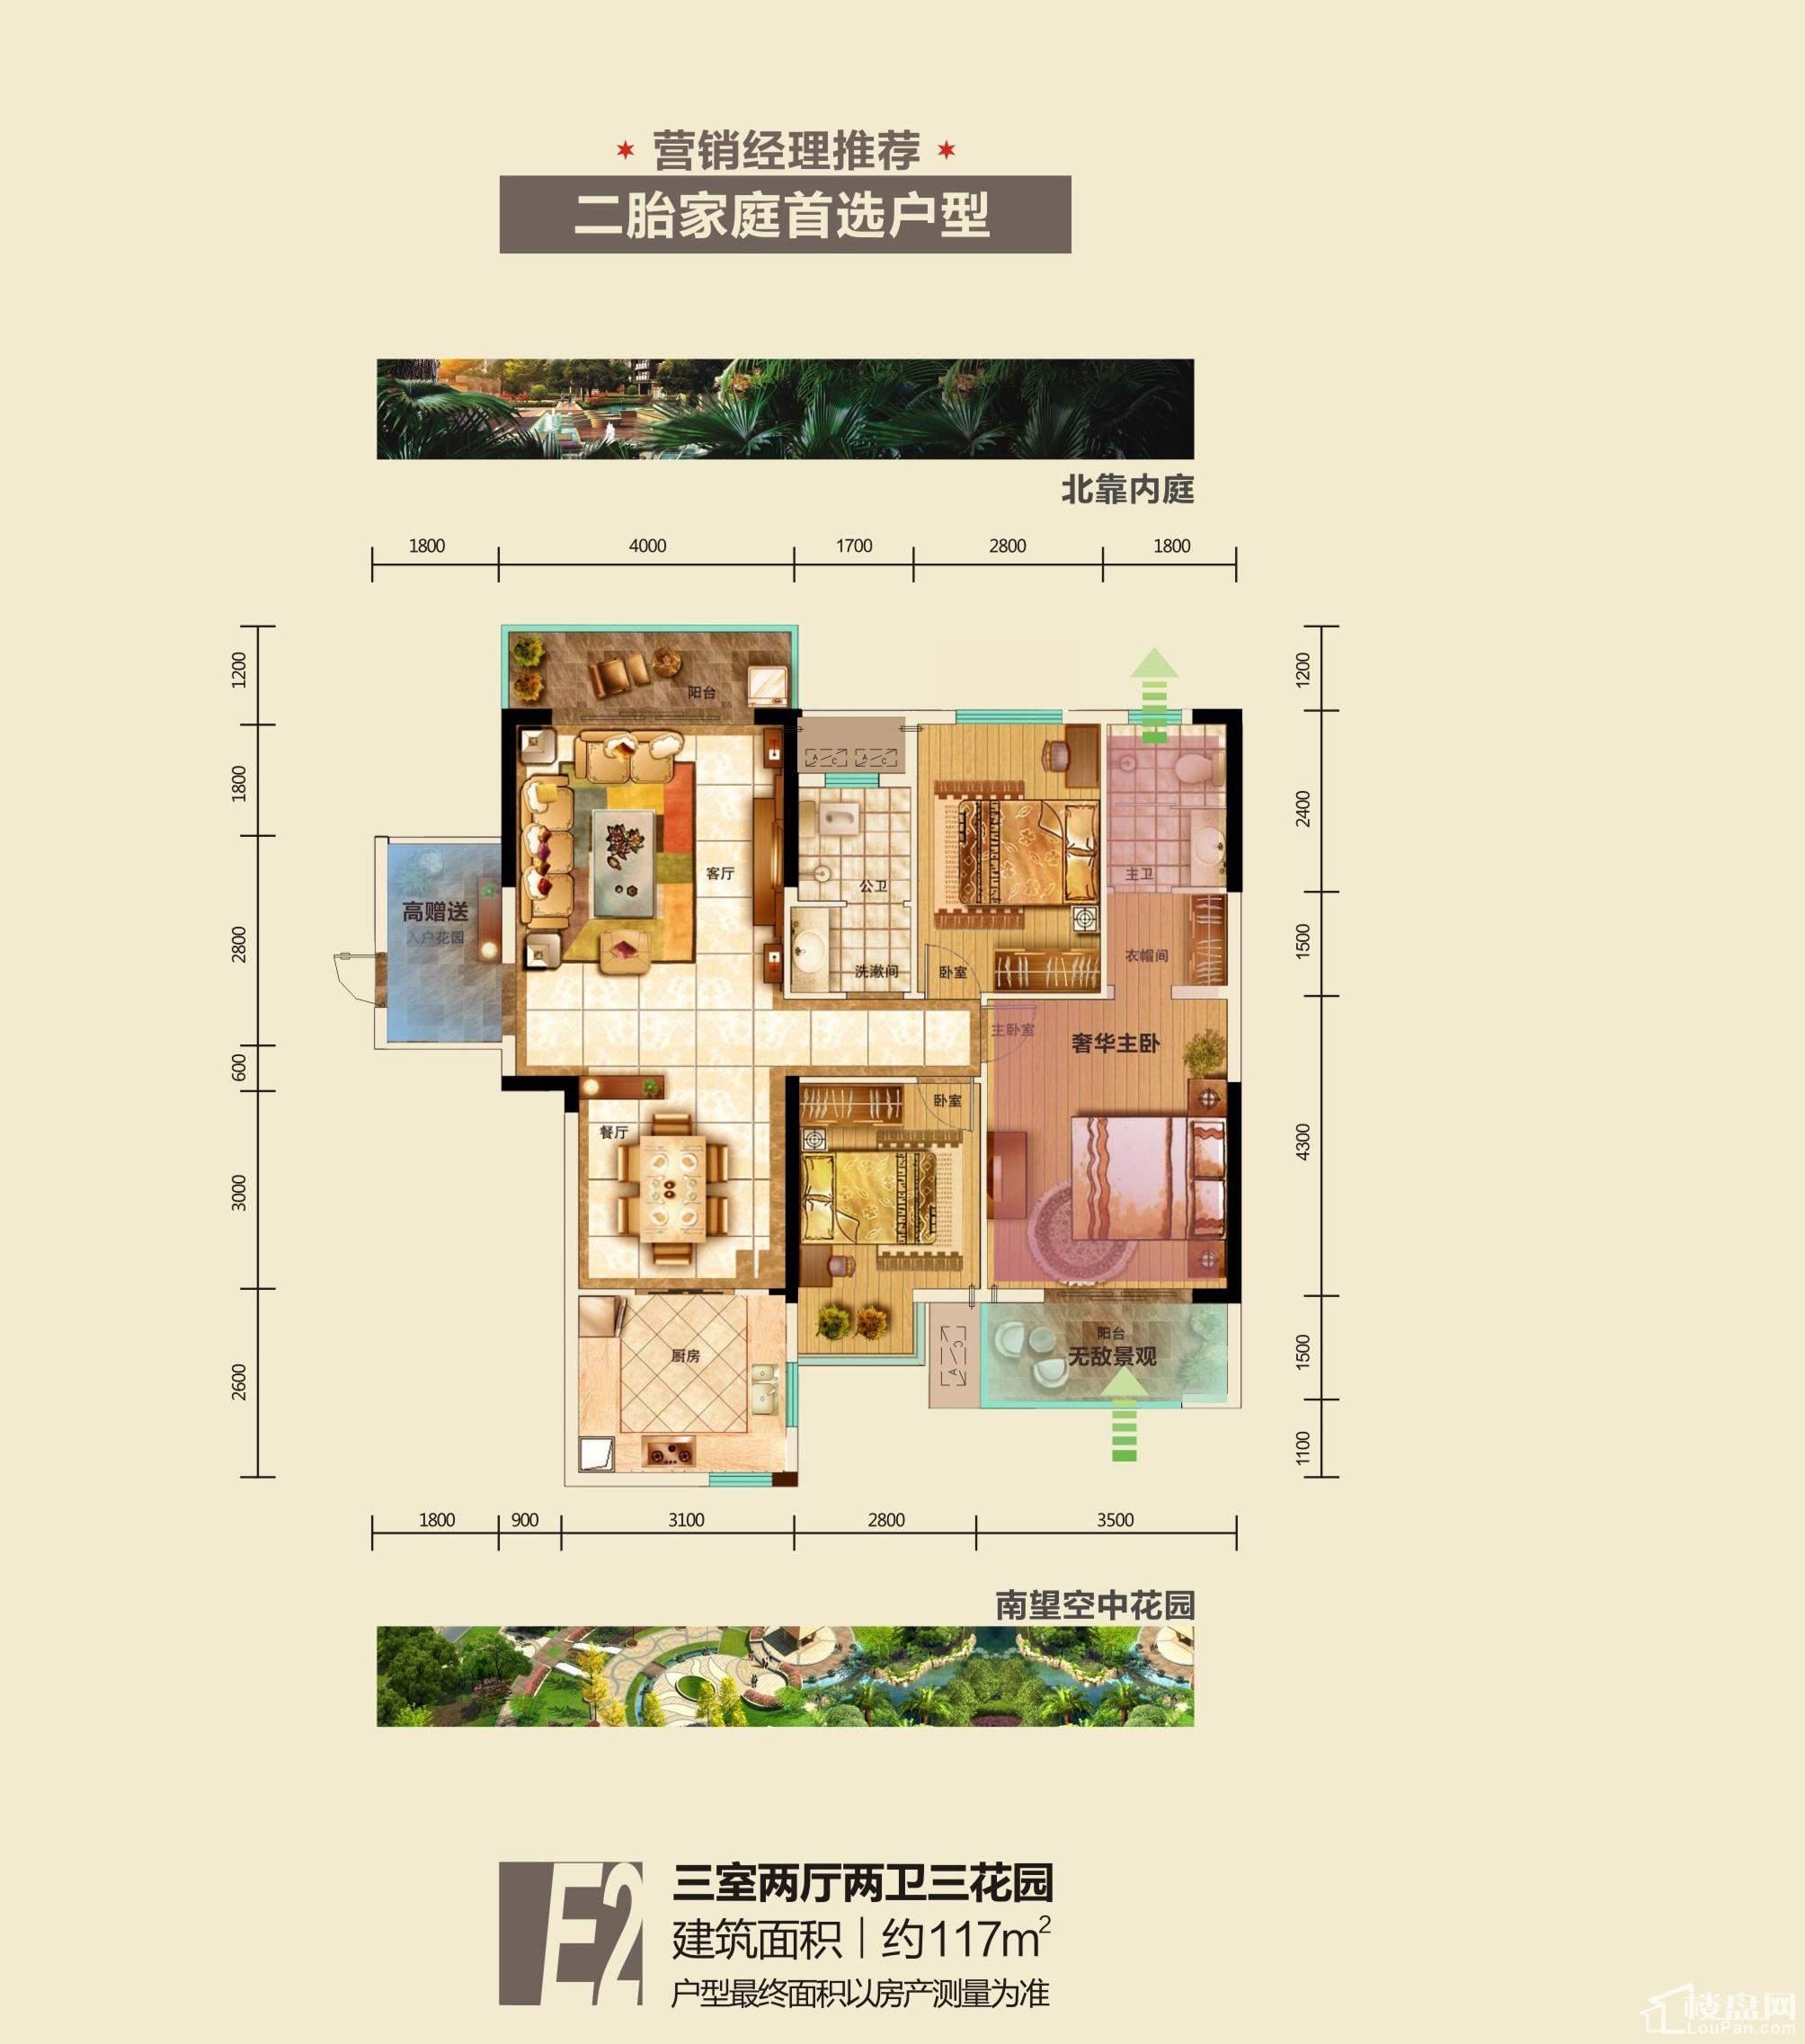 新长海广场户型E2